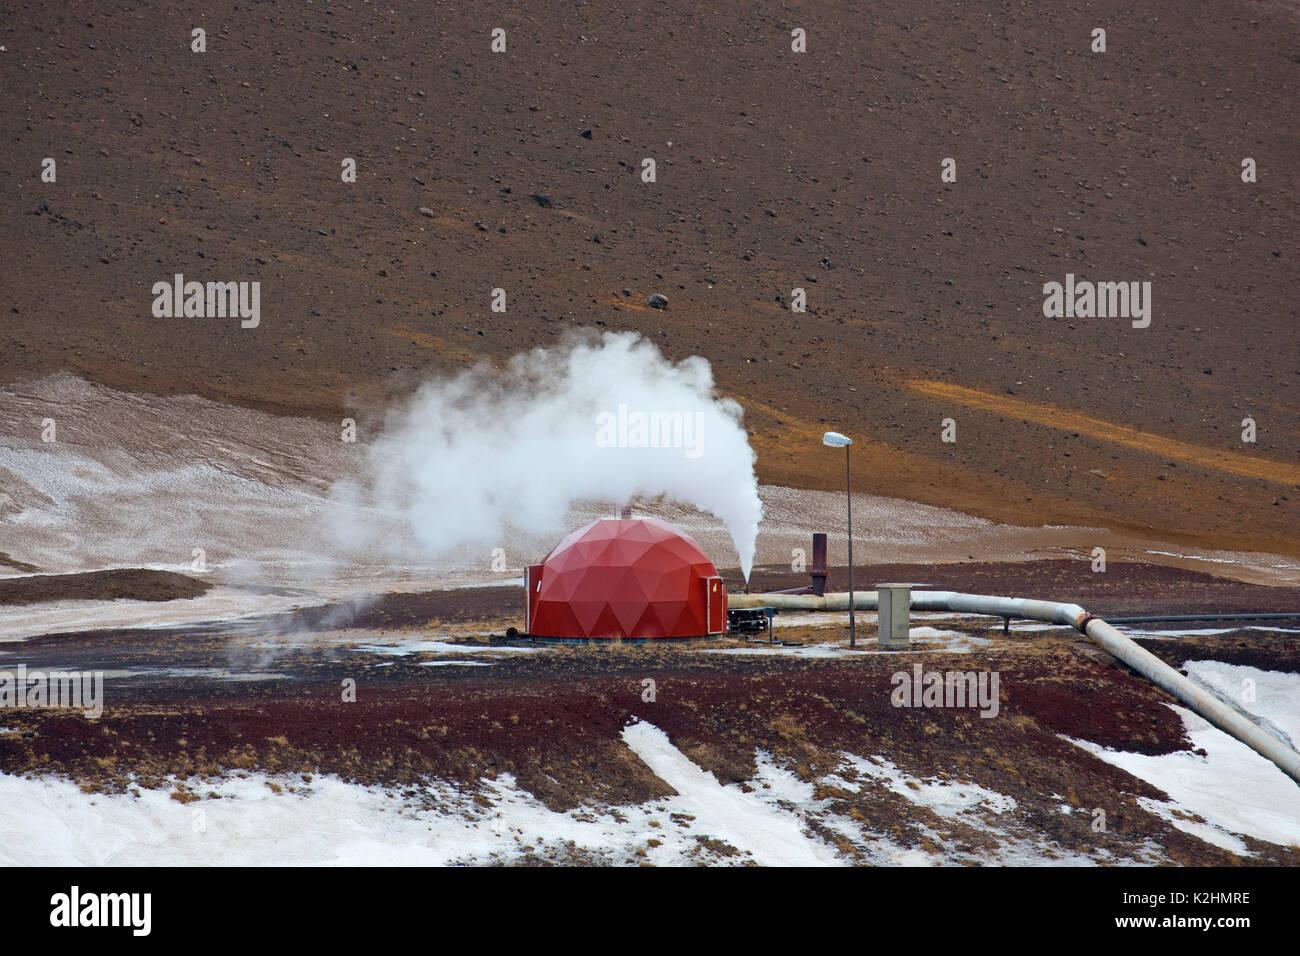 Centrale électrique géothermique de Krafla près du volcan Krafla et le lac Mývatn en hiver, l'Islande Photo Stock